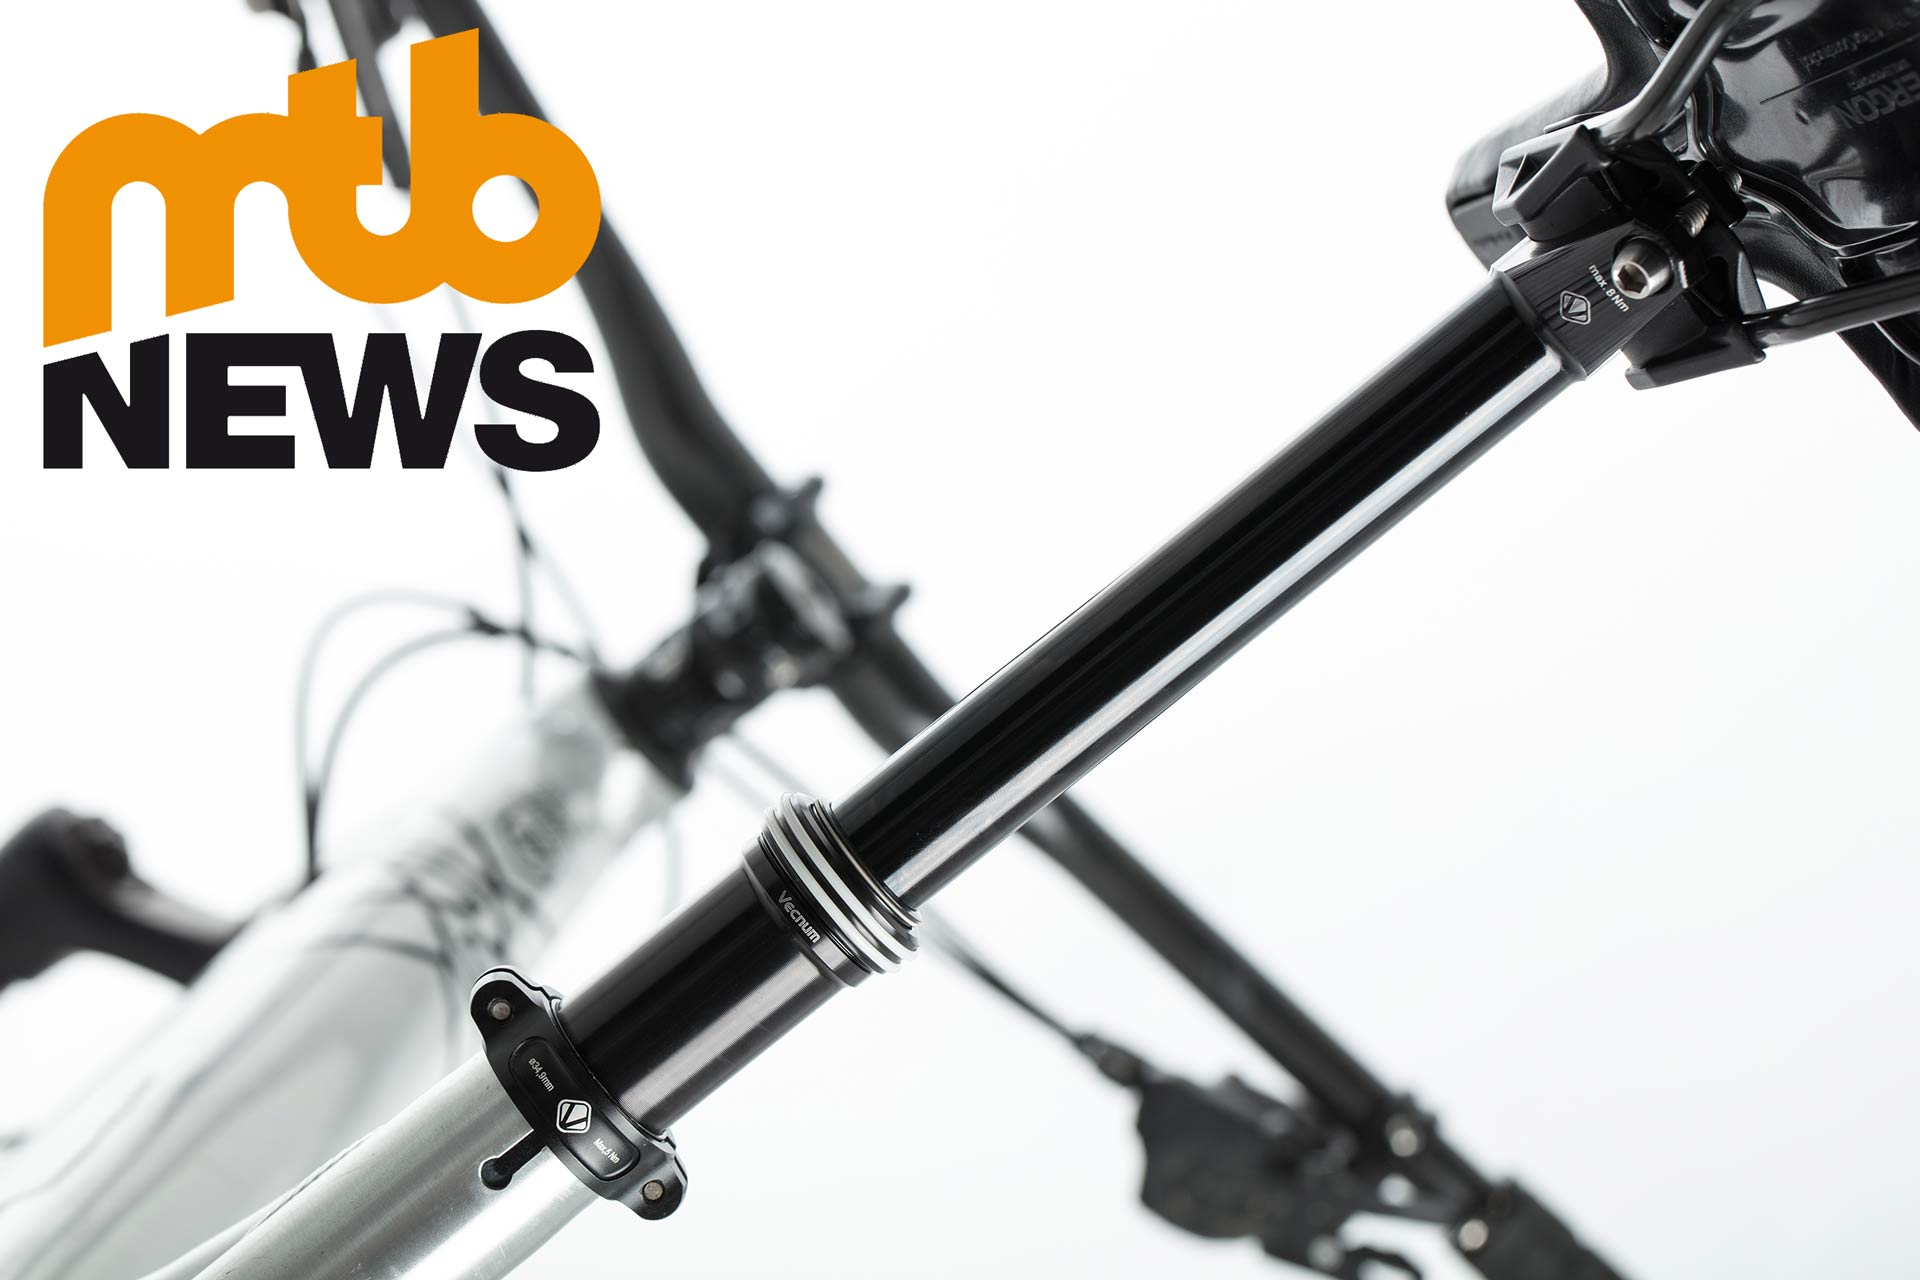 MTB News 04/2019 - Die brandneue Vecnum NIVO im Praxistest in Freiburg